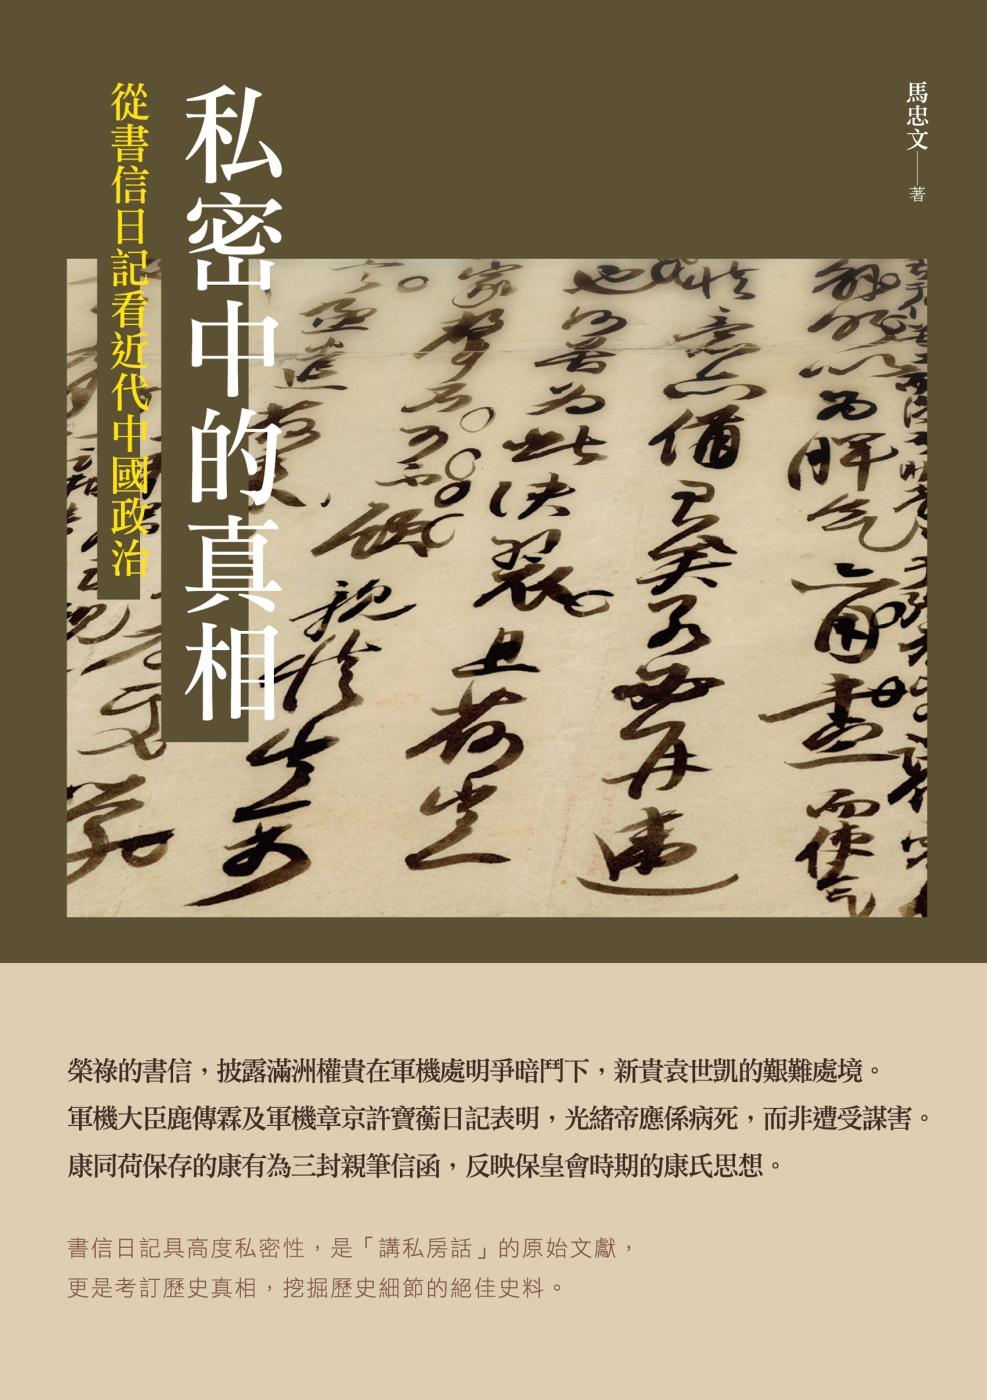 私密中的真相:從書信日記看近代中國政治